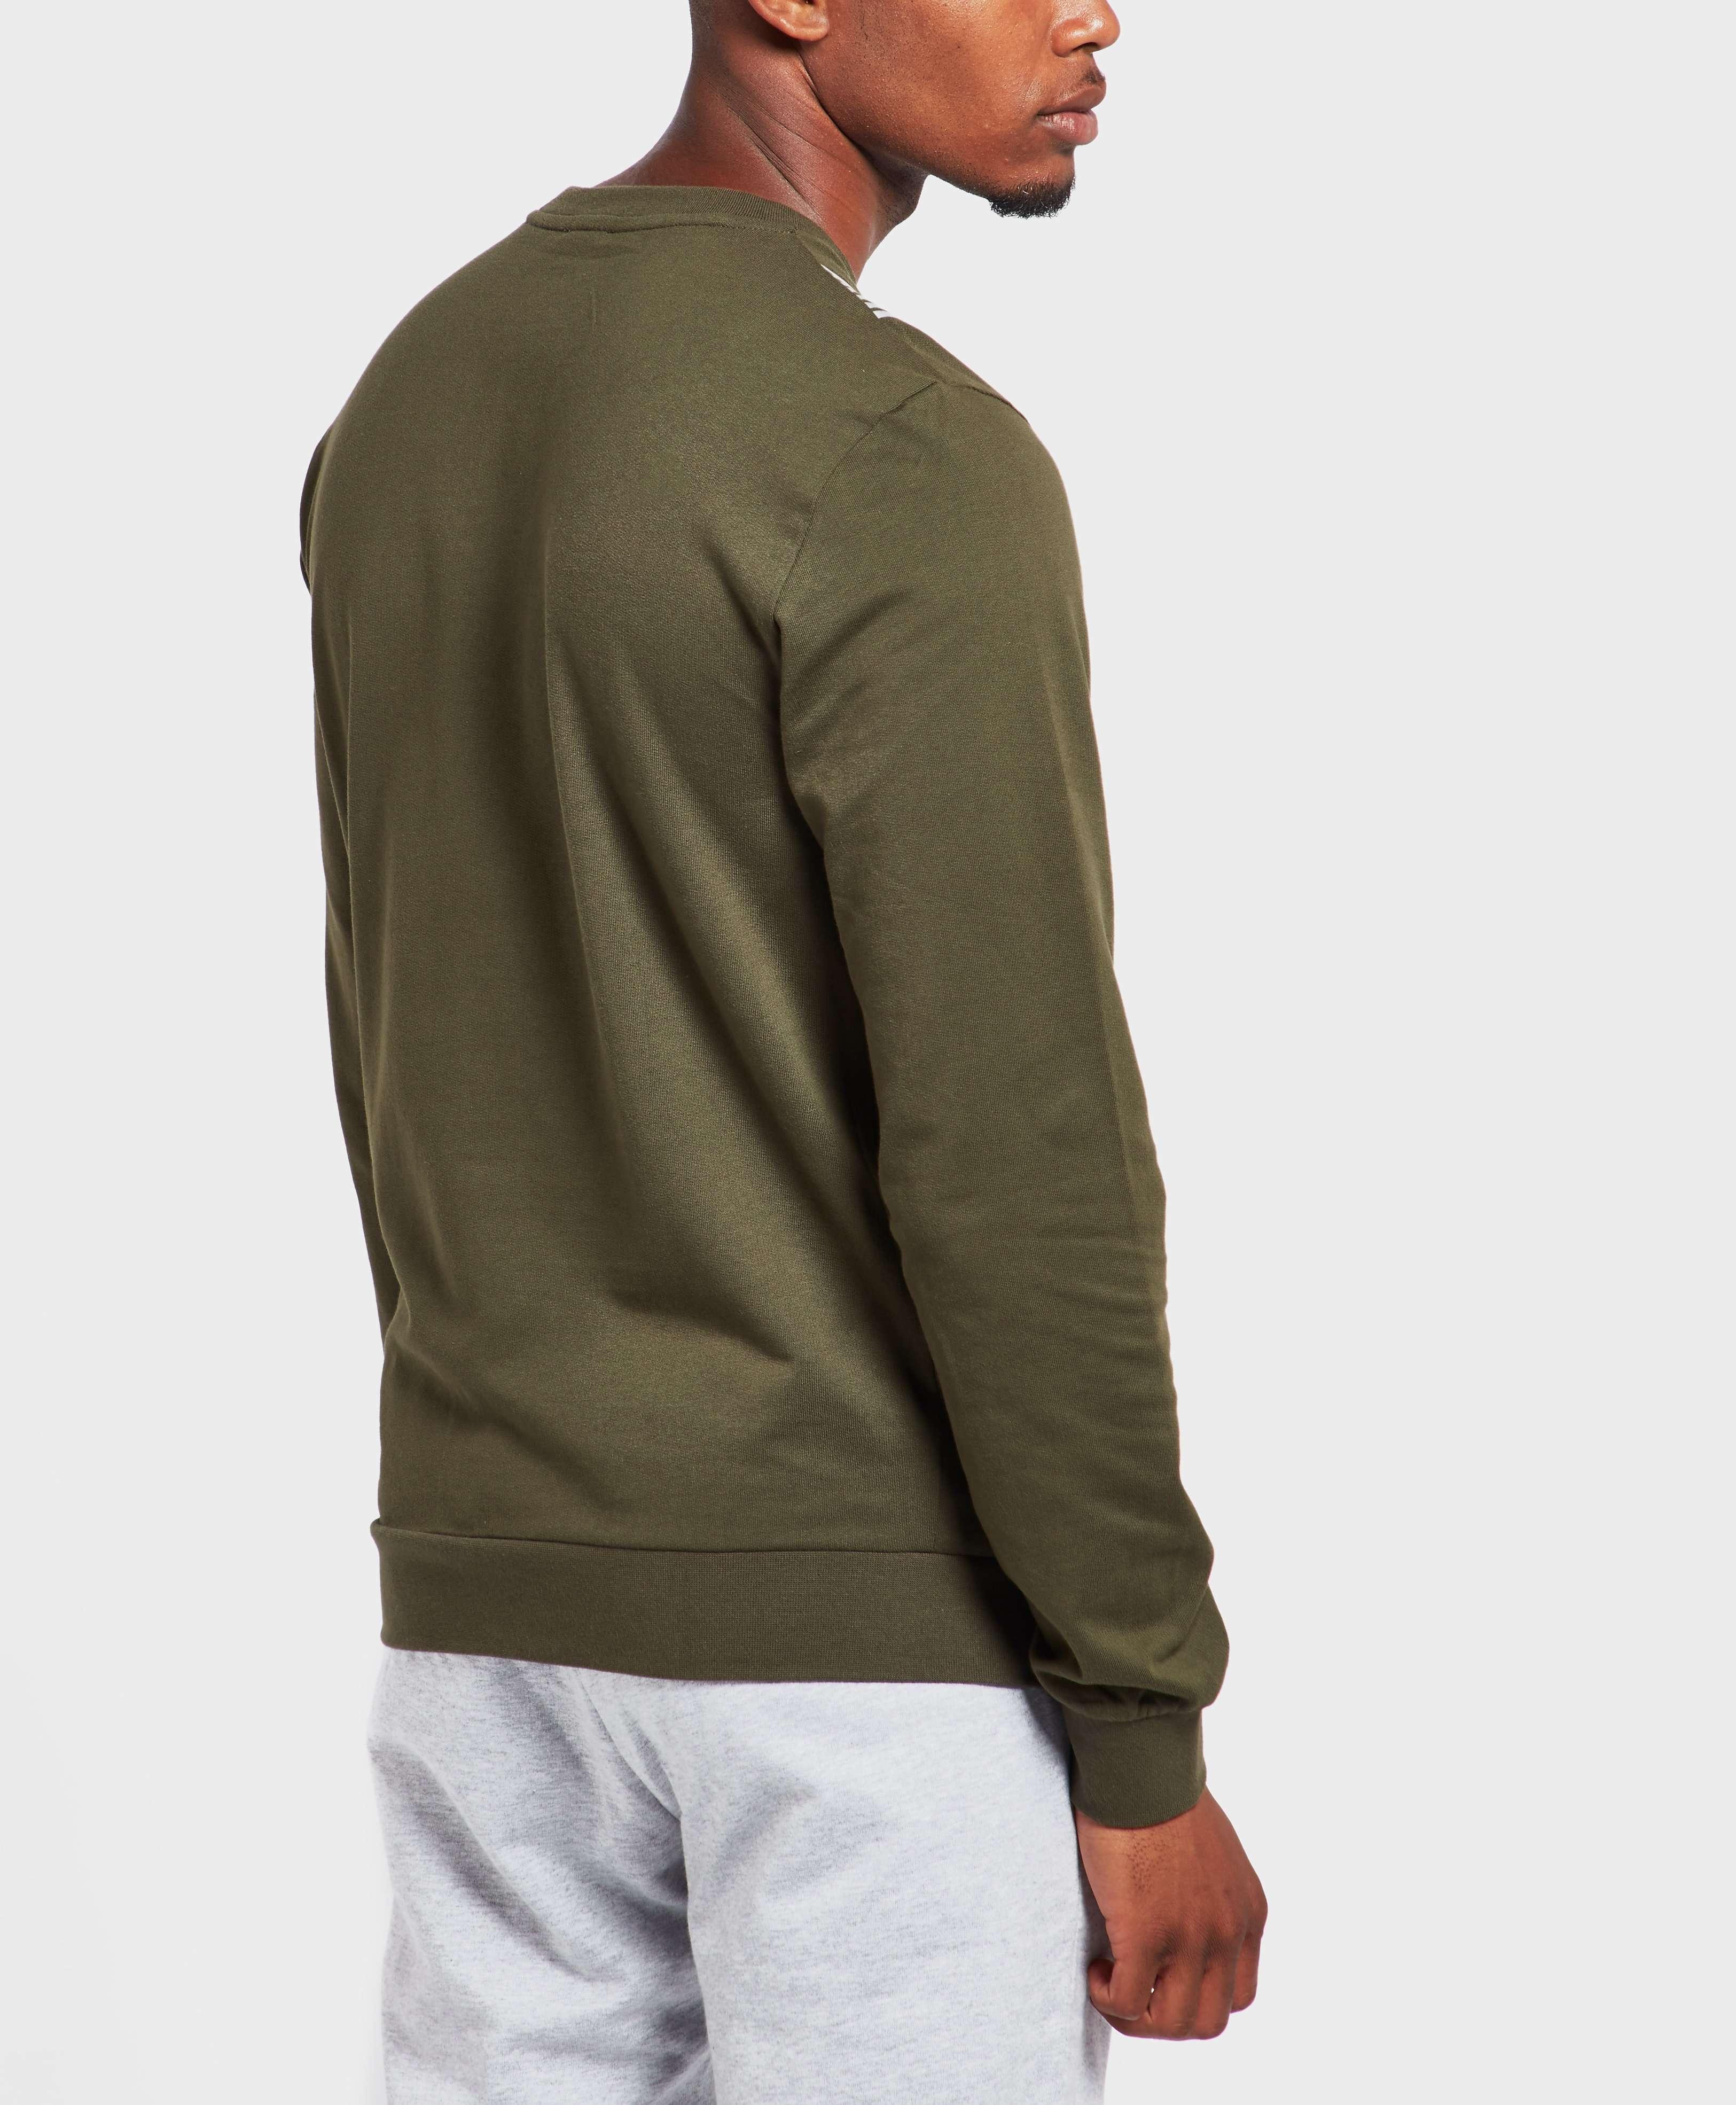 Emporio Armani EA7 7 Lines Crew Sweatshirt